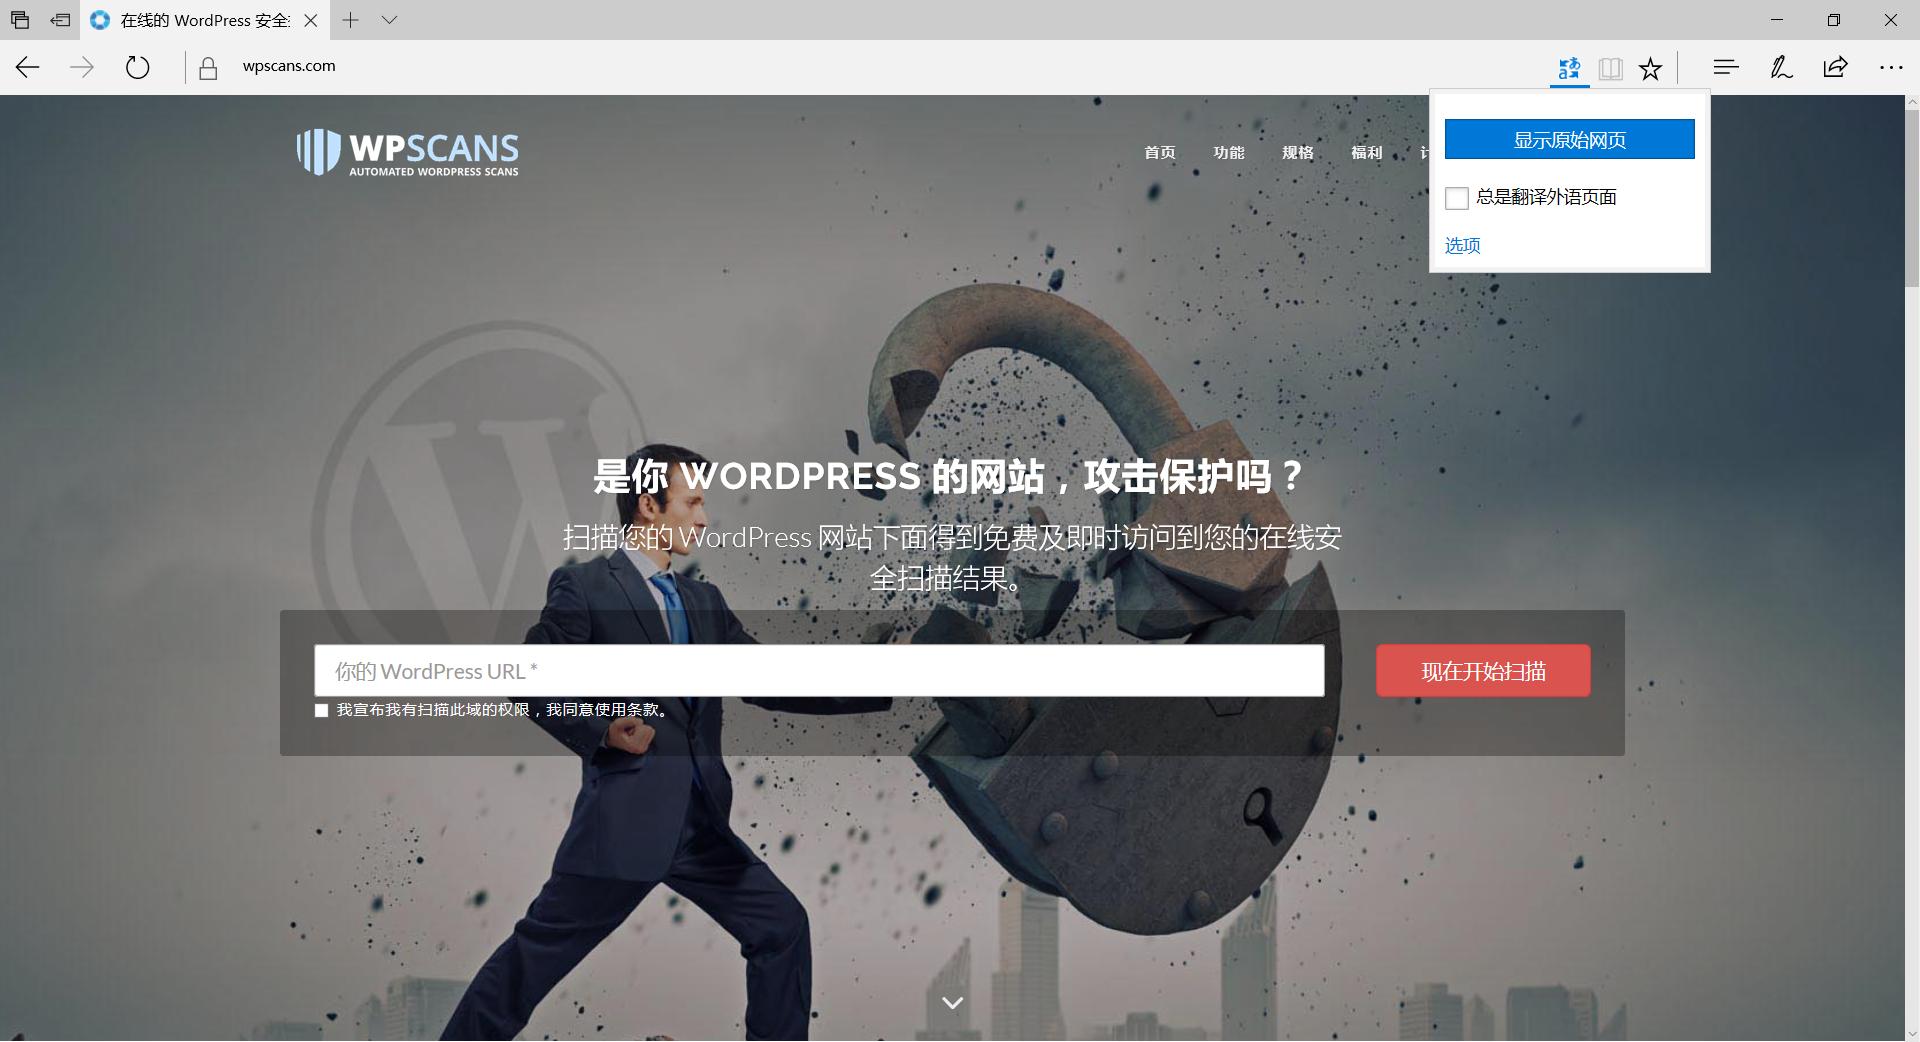 《在线检测WP站点是否安全——小文's blog》